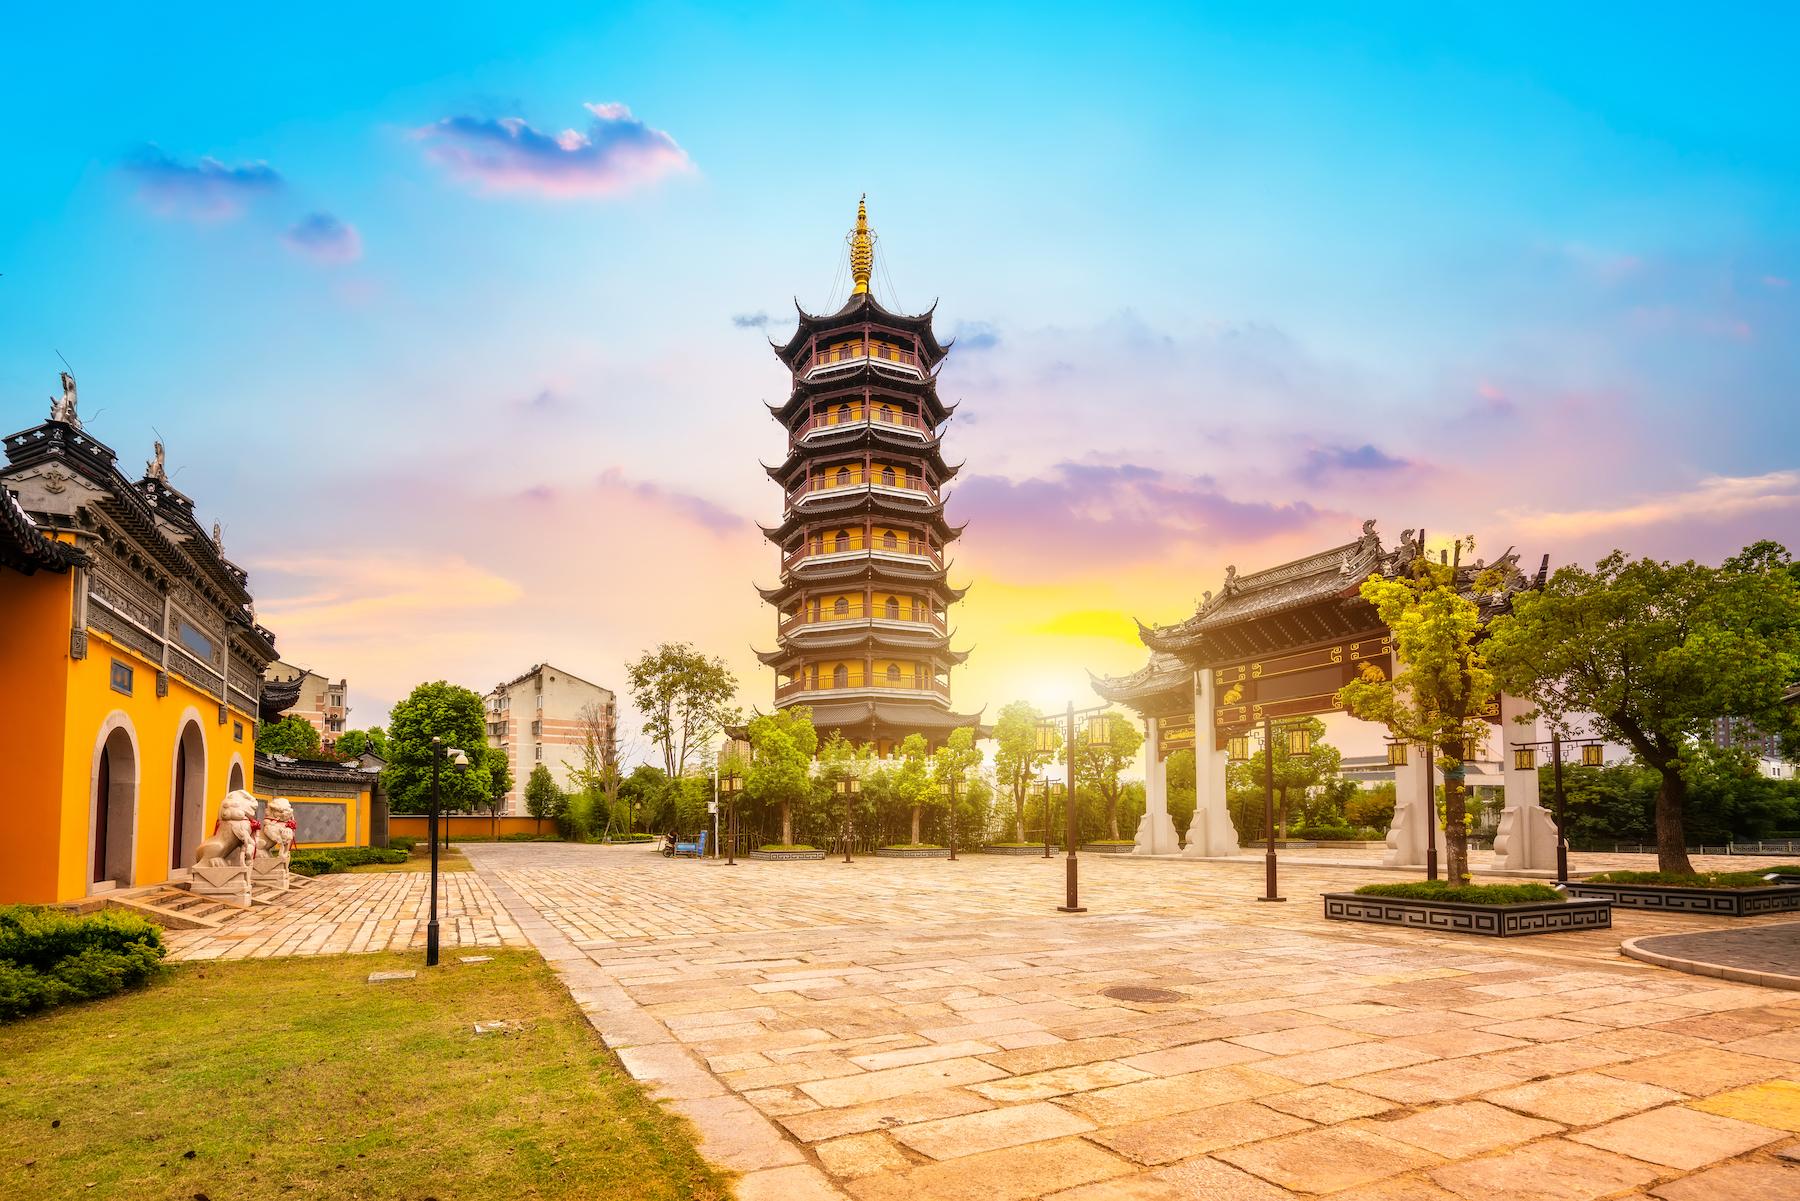 Henan Mountain Temple in Fengcheng, Taizhou